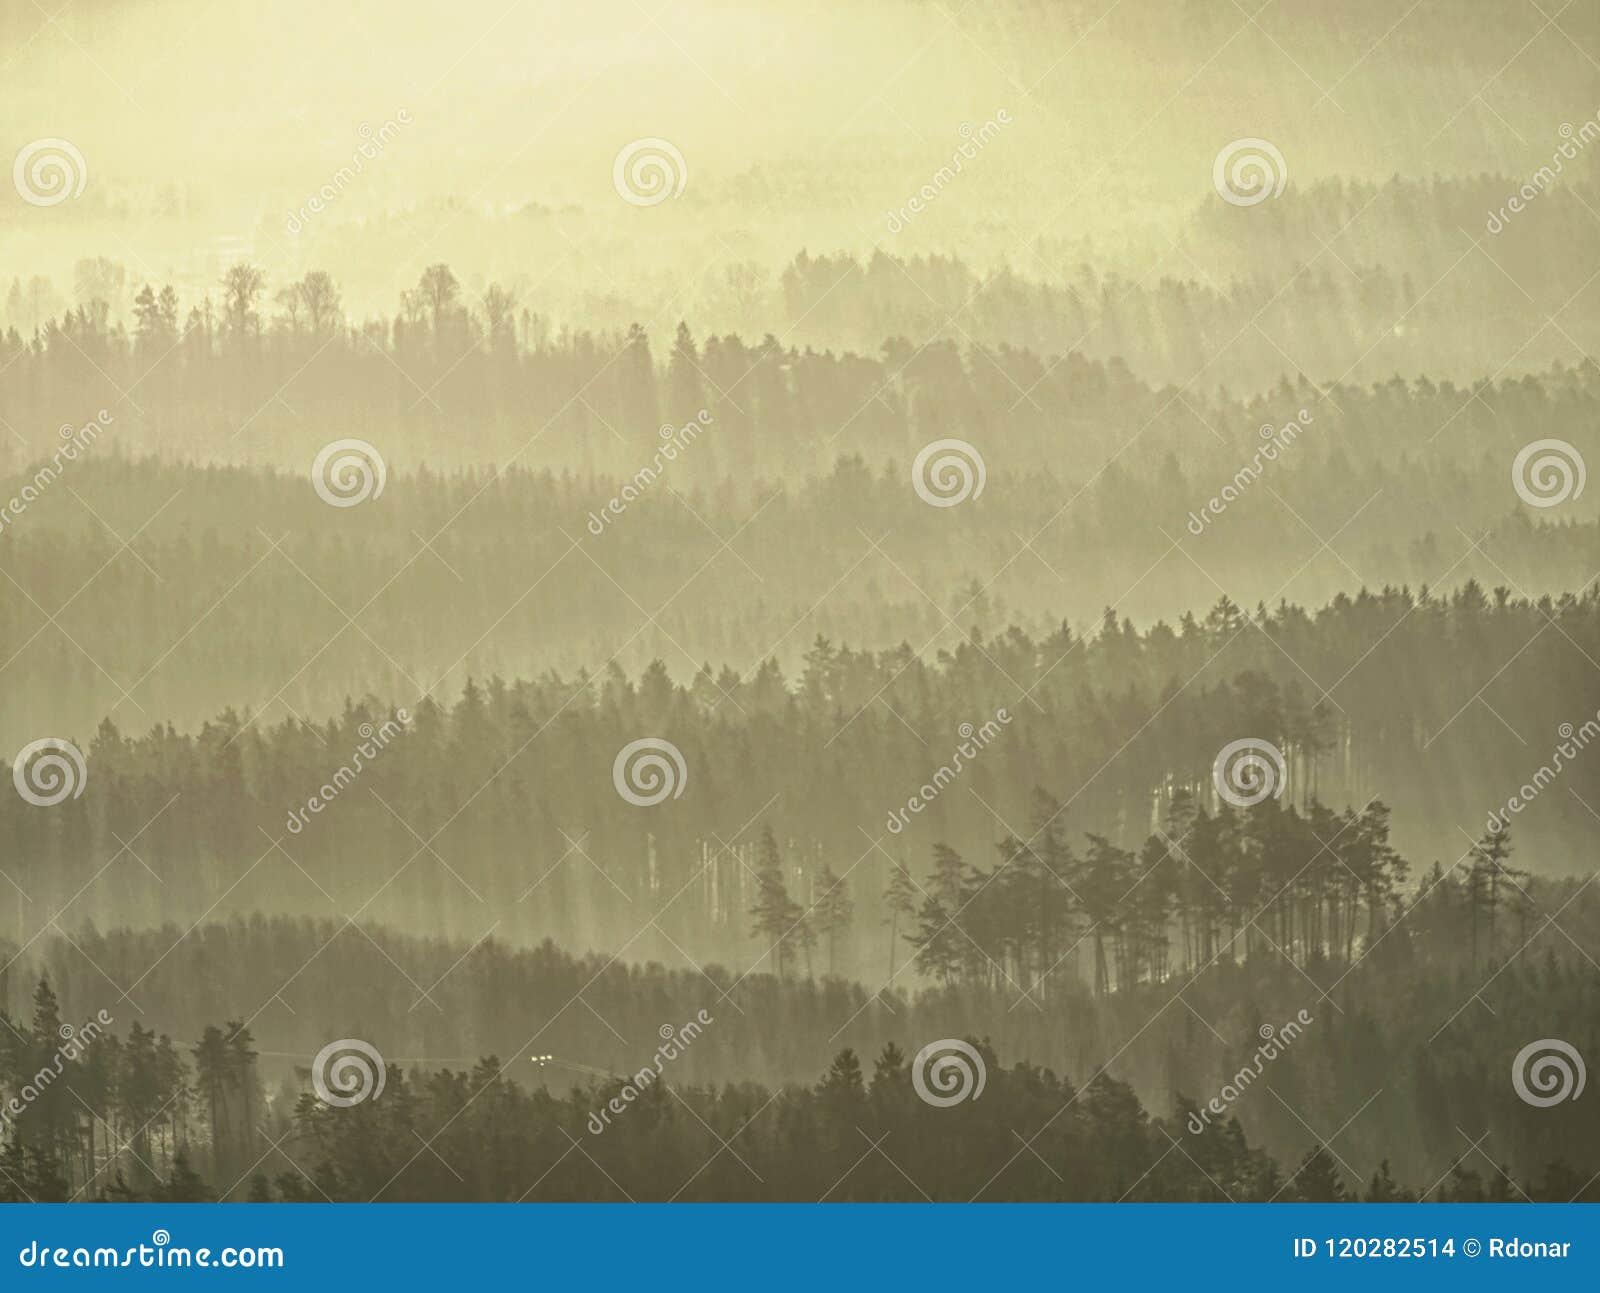 Esboços macios dos montes escondidos na névoa grossa, paisagem real vista obscura